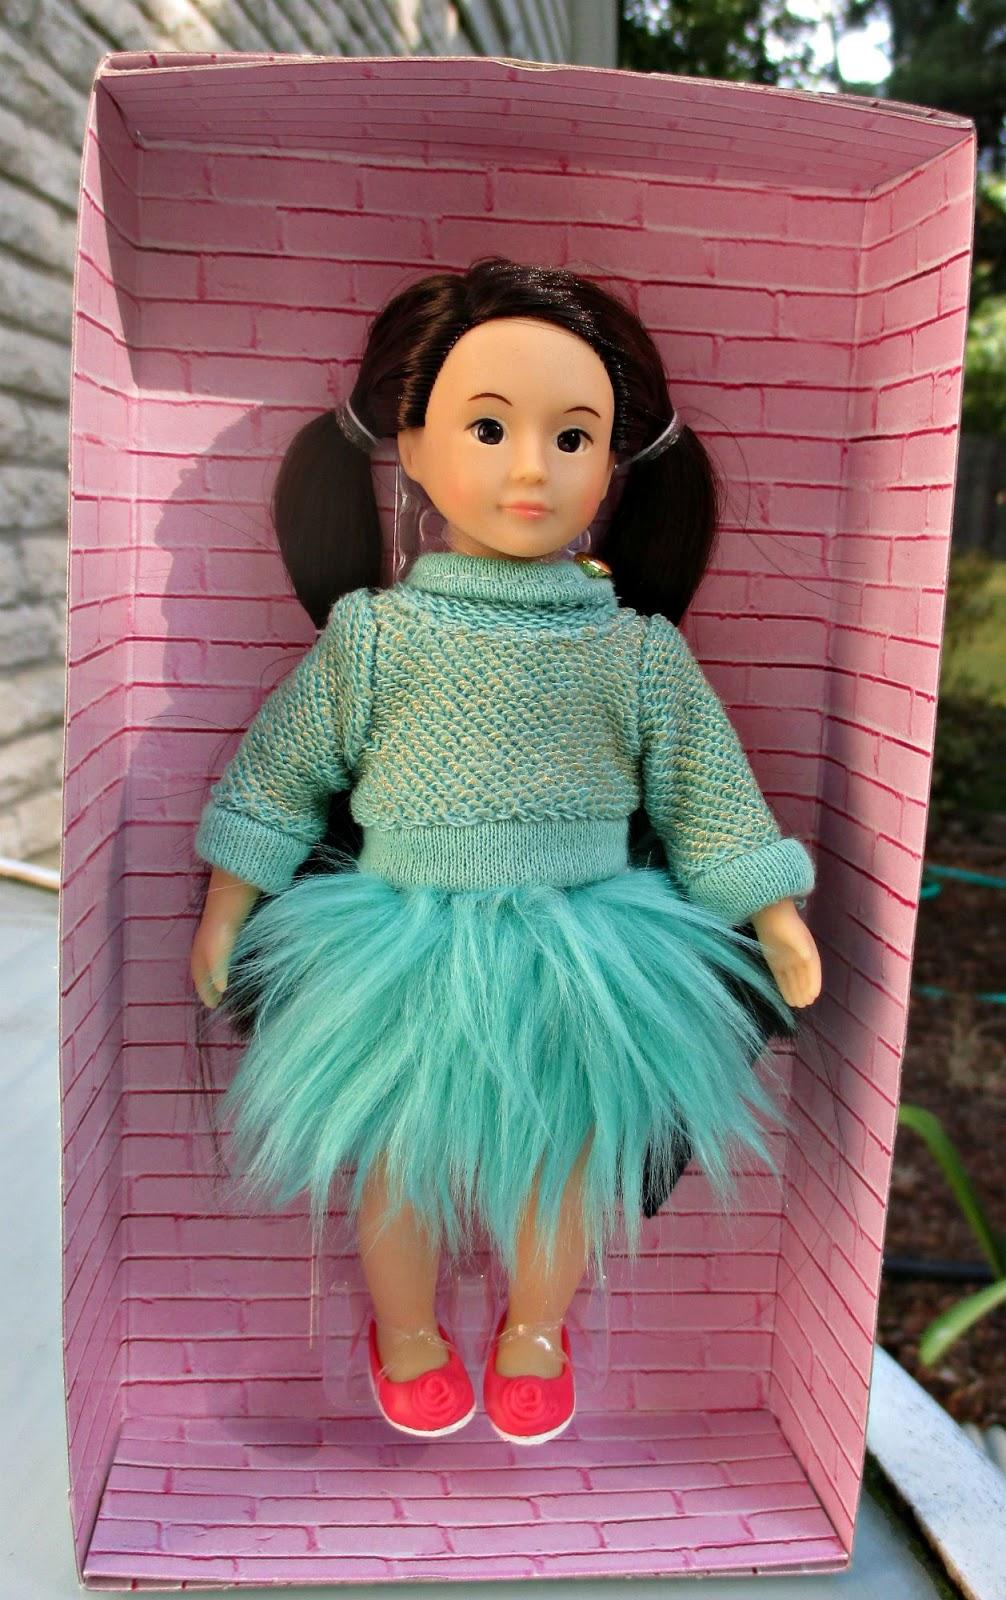 Dreaming of Dolls: Mini Lori dolls